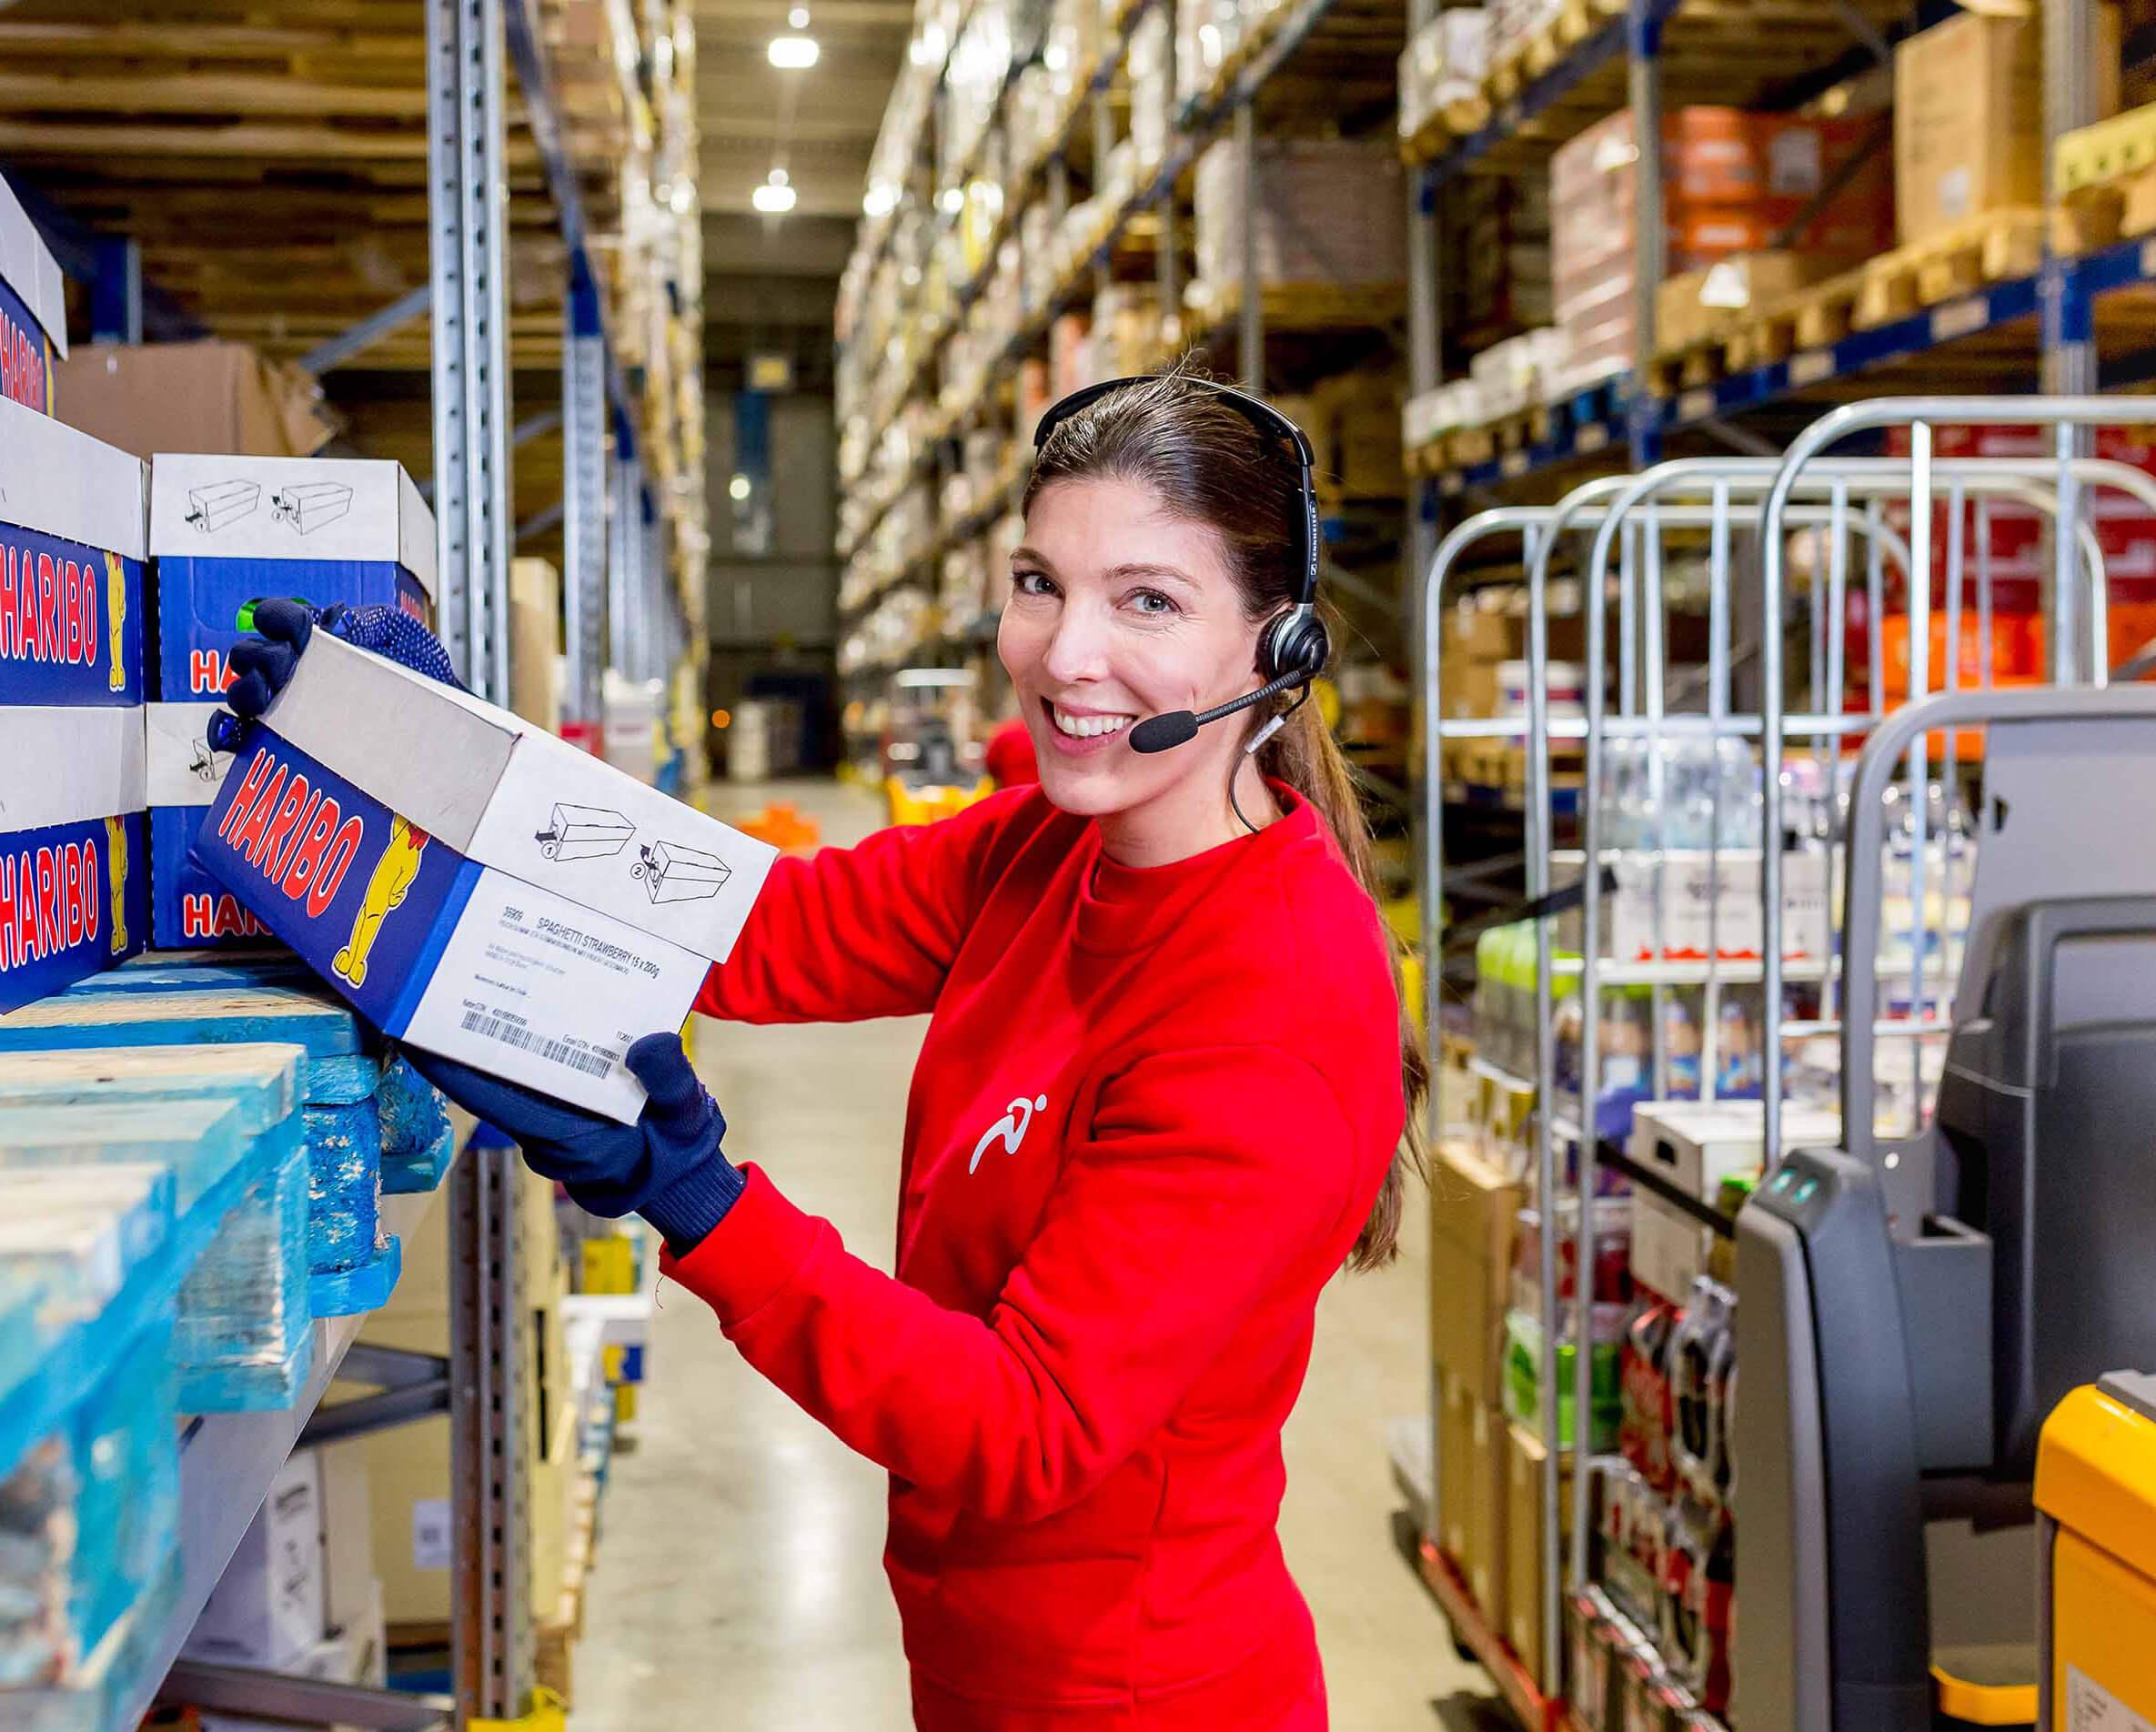 Office 365 im Einsatz bei Lekkerland